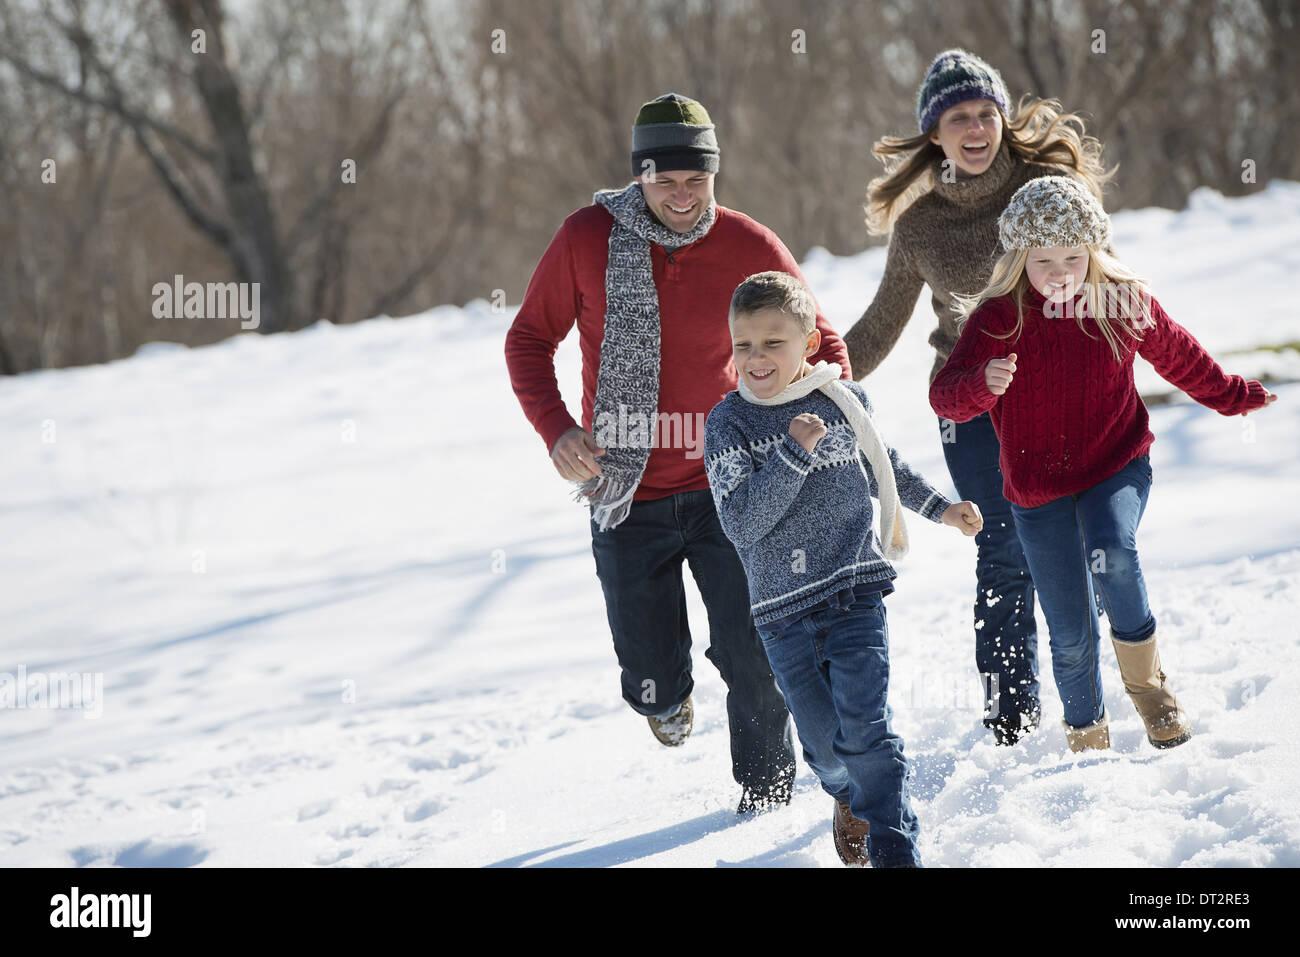 Paysage d'hiver avec neige au sol famille marcher deux adultes courir après deux enfants Banque D'Images